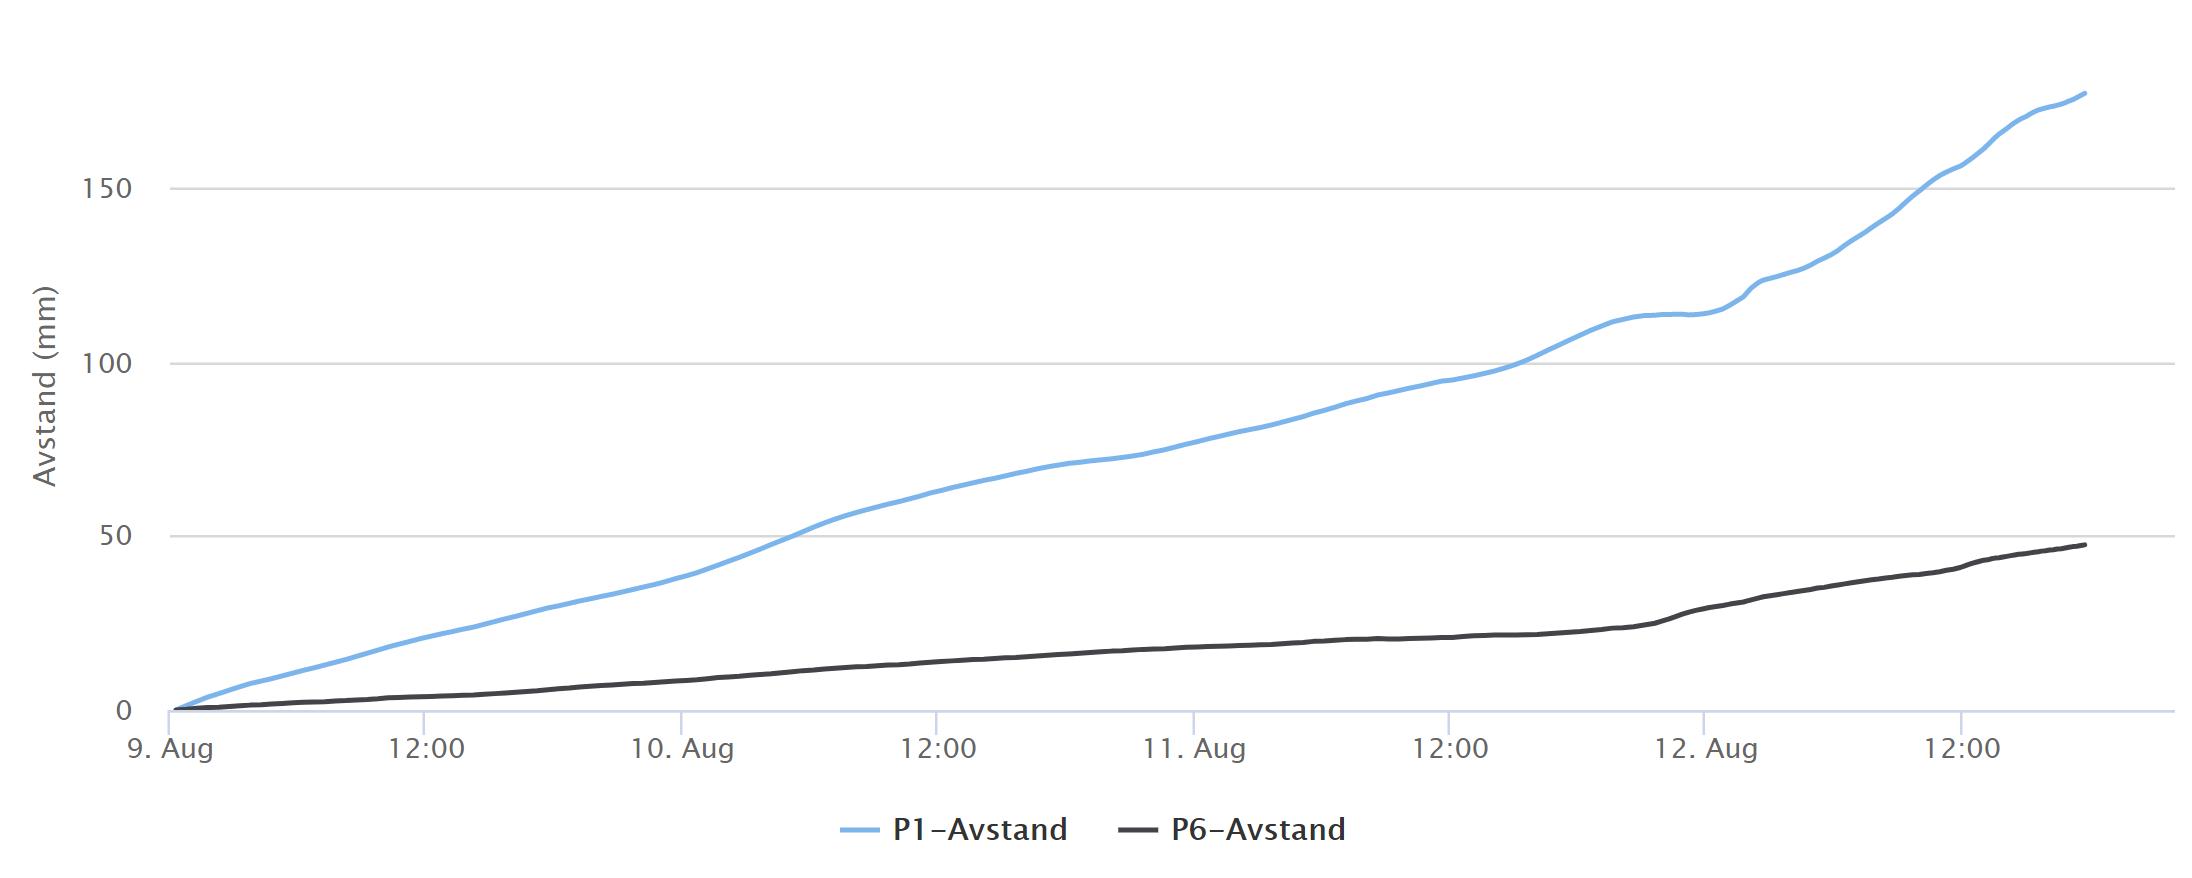 Bevegelse målt med radar siste 4 dagene i øvre del (P1) og nedre del (P6).